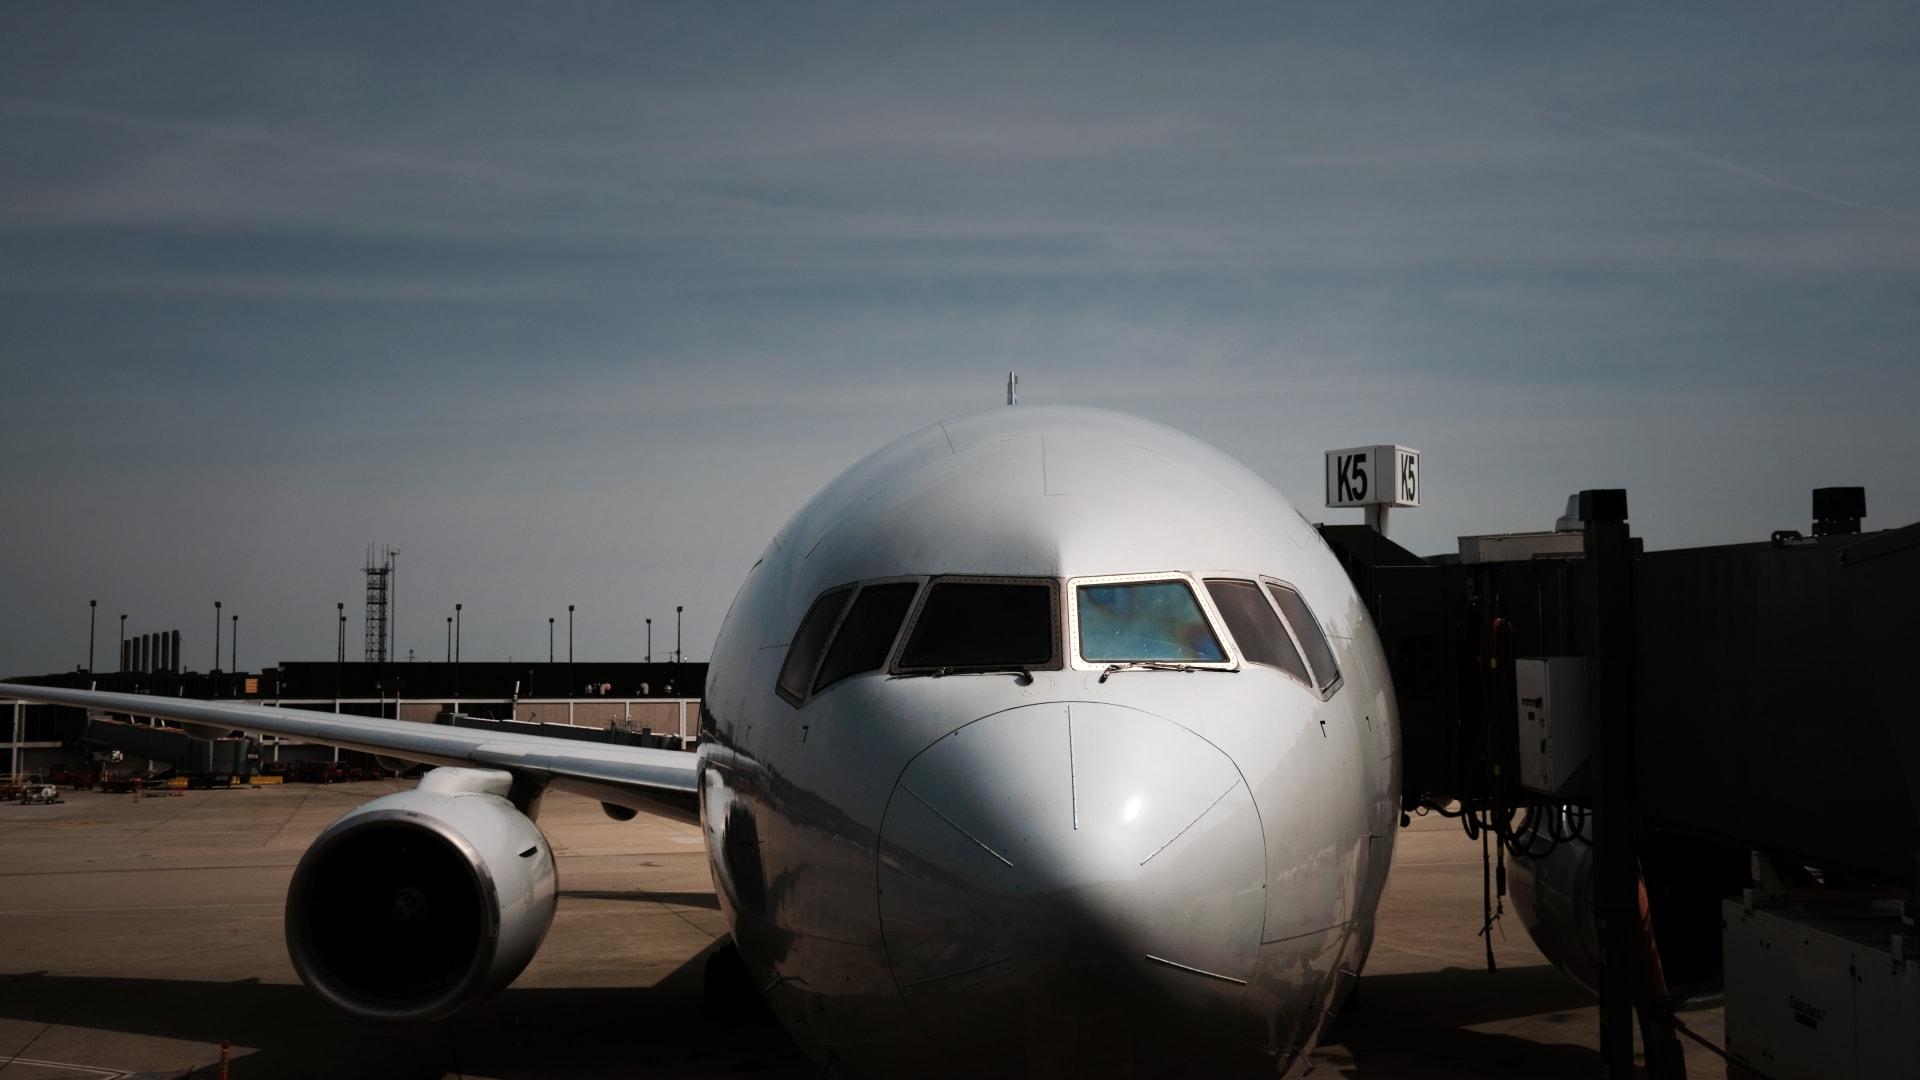 هل السفر آمن على متن الطائرة خلال الصيف فيما يخص فيروس كورونا؟